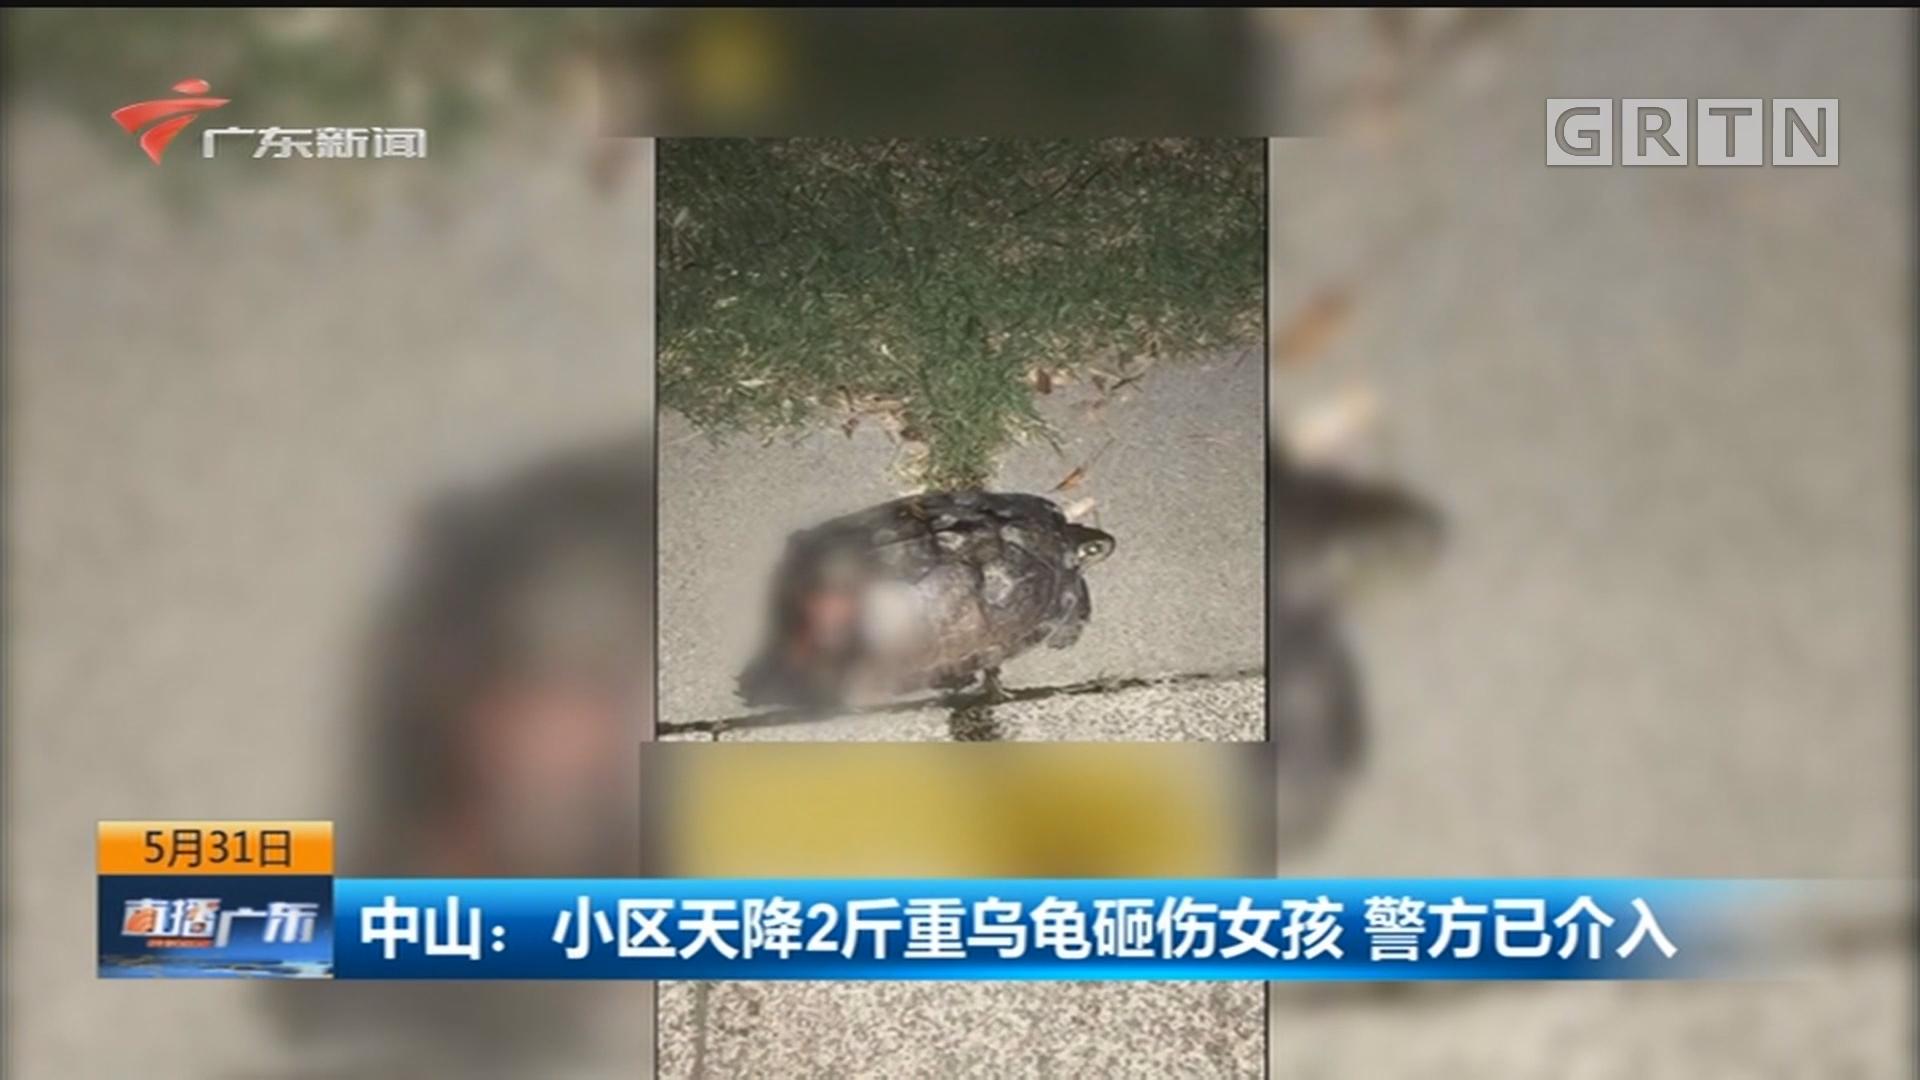 中山:小区天降2斤重乌龟砸伤女孩 警方已介入